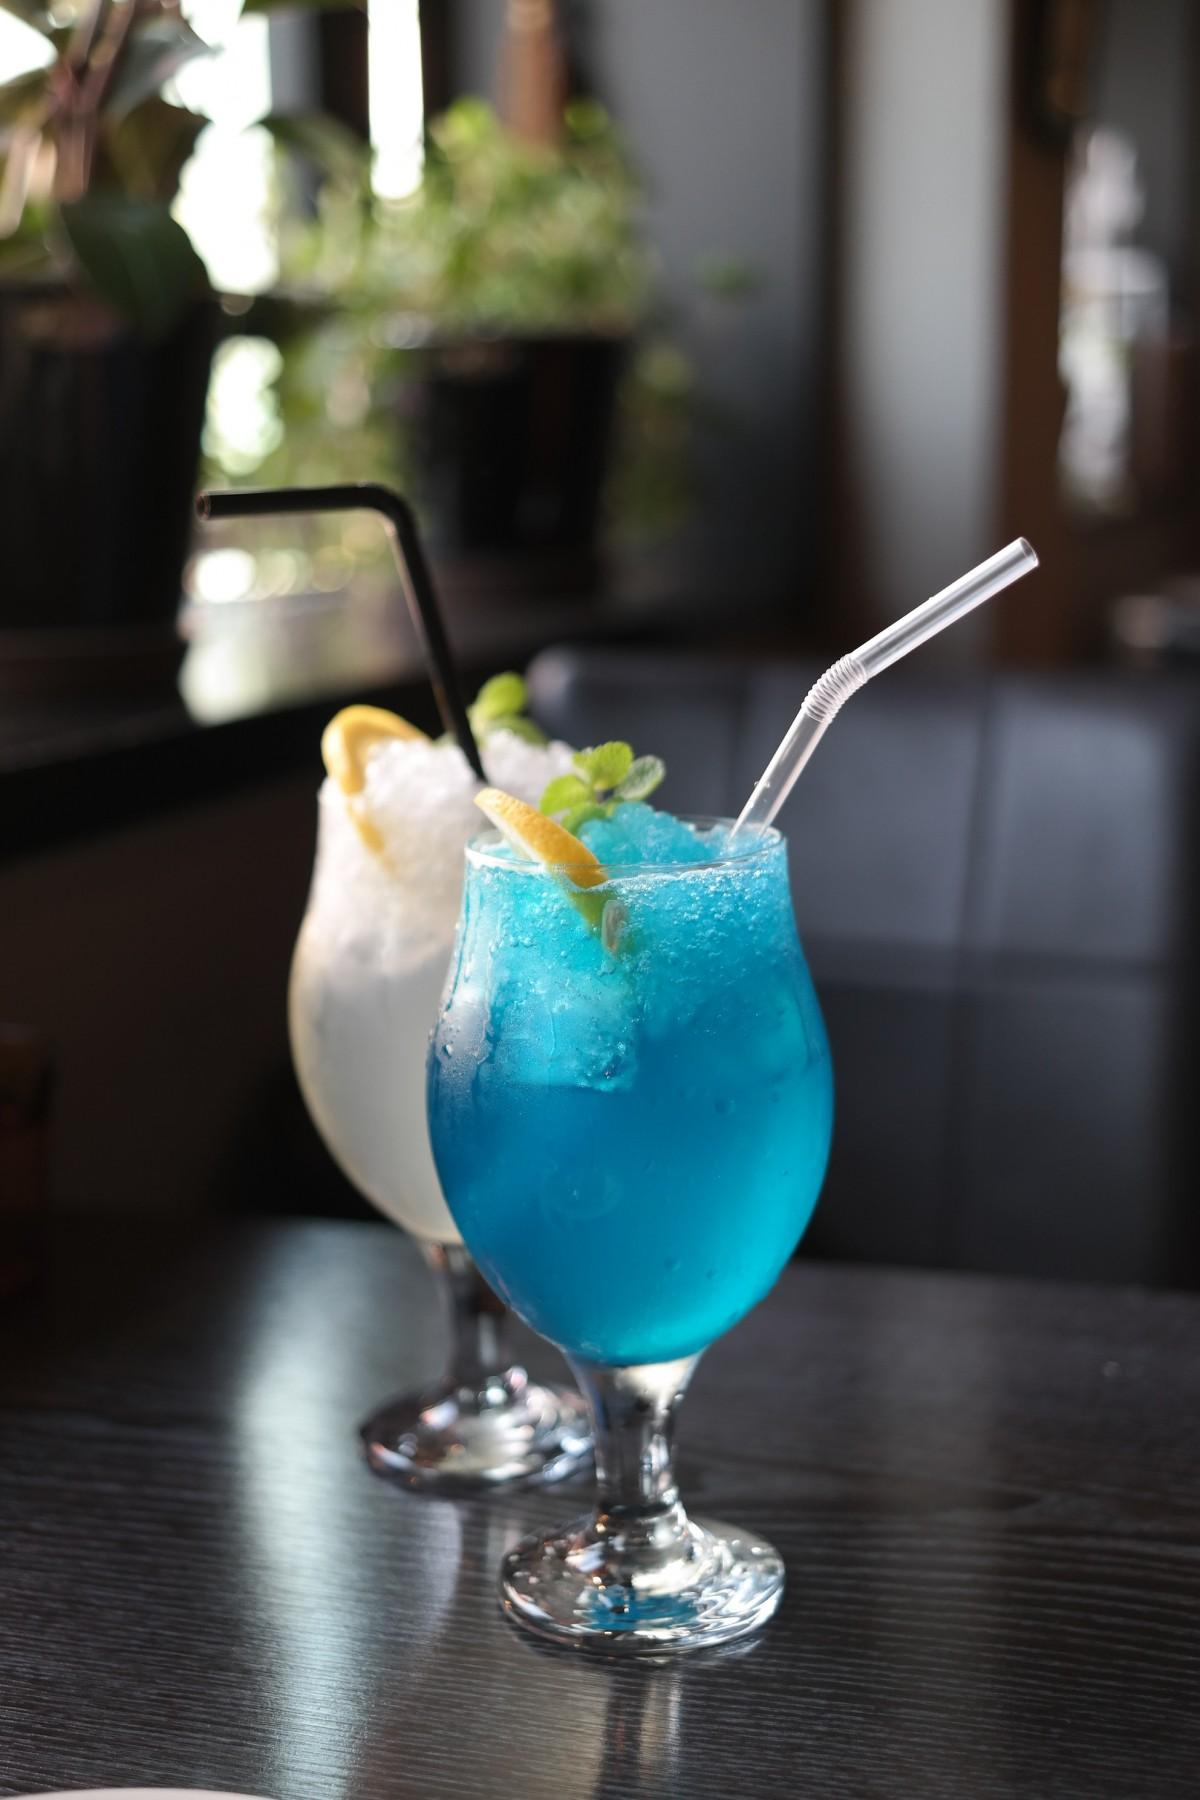 咖啡店, 柠檬汽水, 喝, 鸡尾酒, 酒精饮料, tapi胭脂, 柠檬汽水, 蓝色柠檬ade, 蓝色柠檬水, 蒸馏饮料, mai tai, 蓝色夏威夷, 图片素材 In PxHere